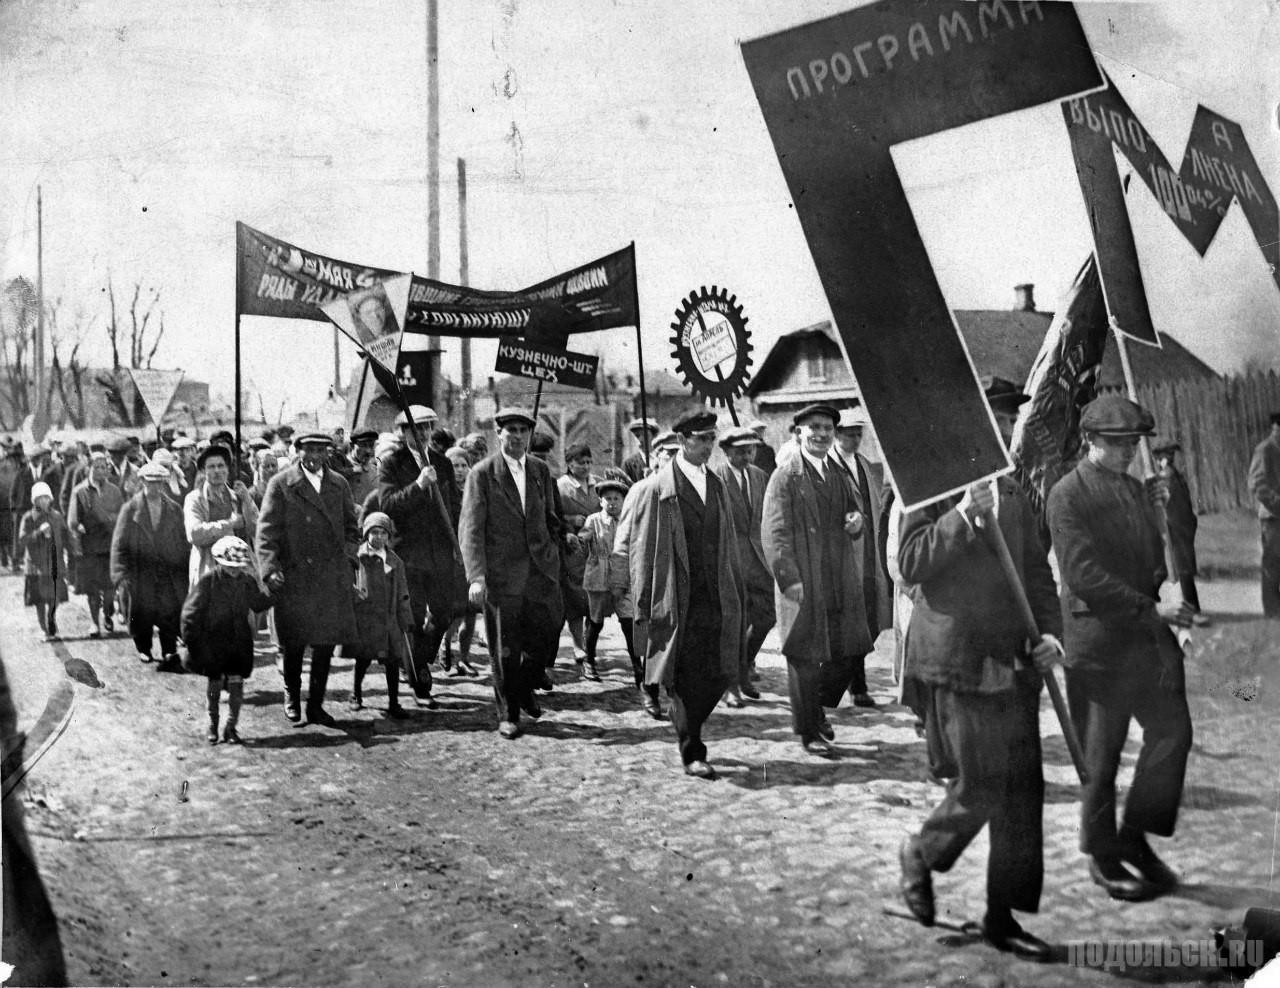 Колонна рабочих Государственного механического завода (позже ПМЗ) на первомайской демонстрации, 1930-е годы.